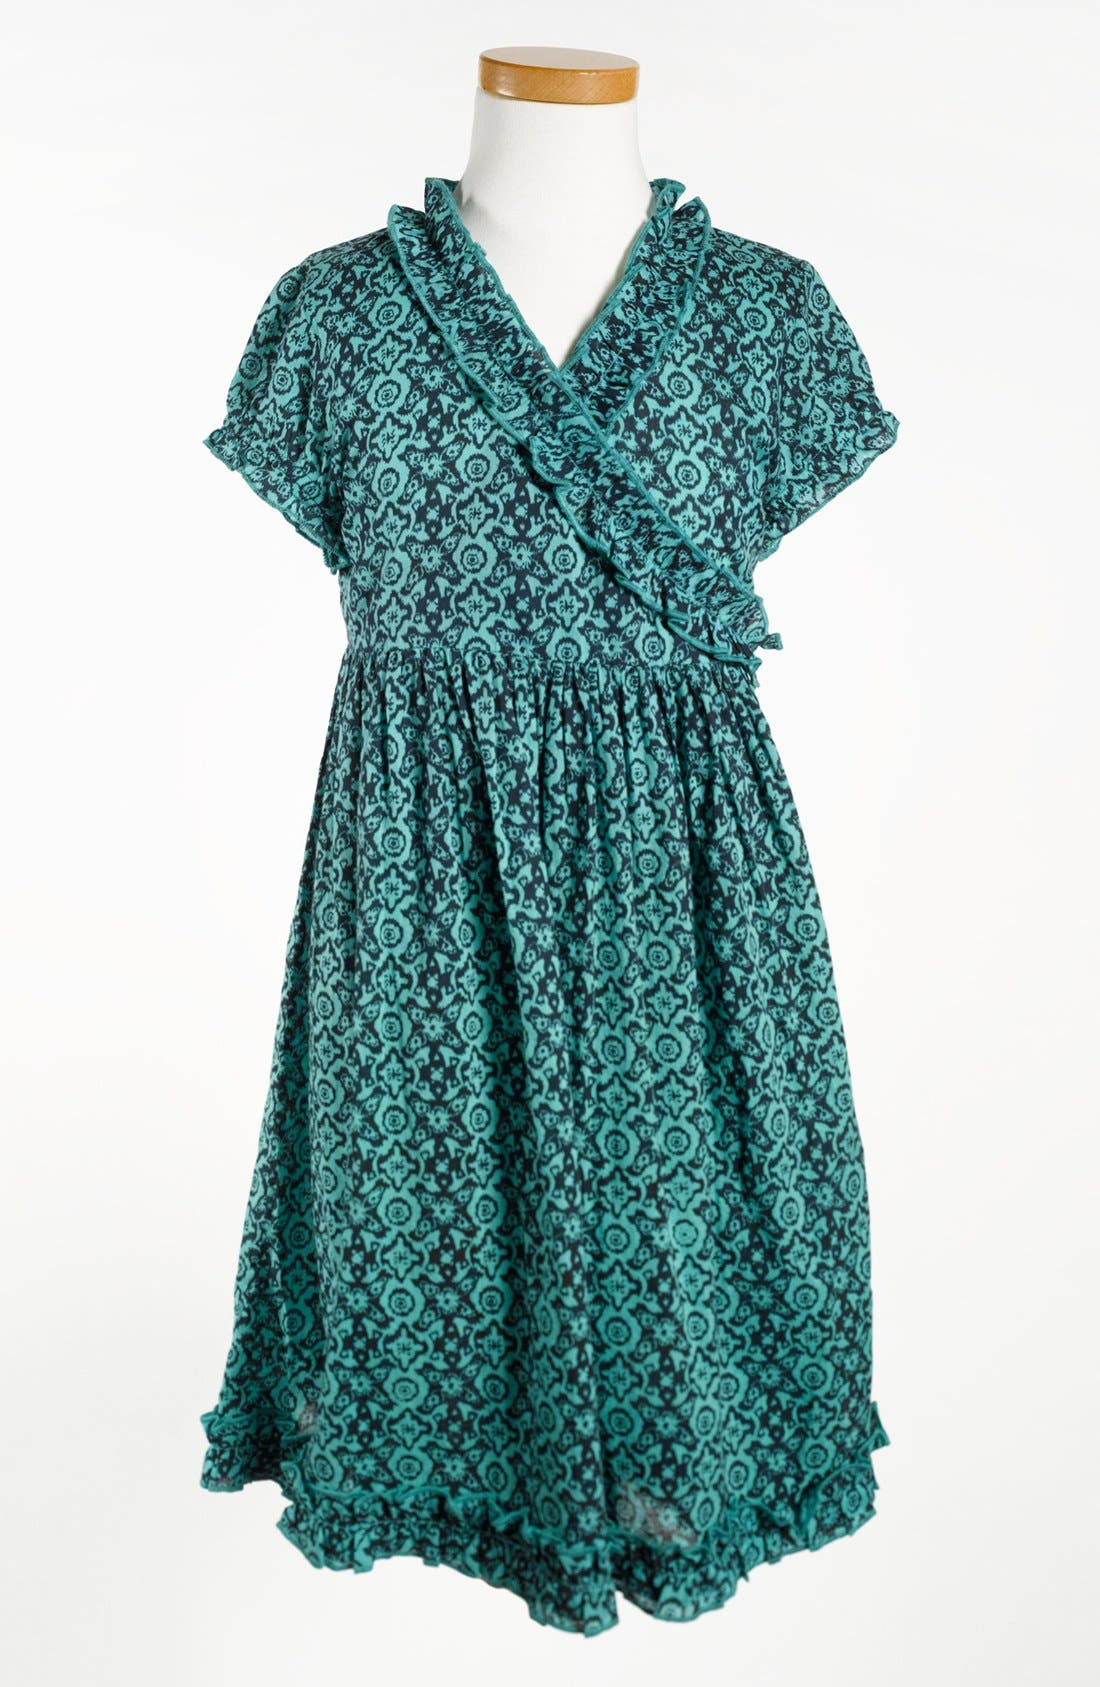 Main Image - Peek 'Cristina' Wrap Dress (Toddler Girls, Little Girls & Big Girls)